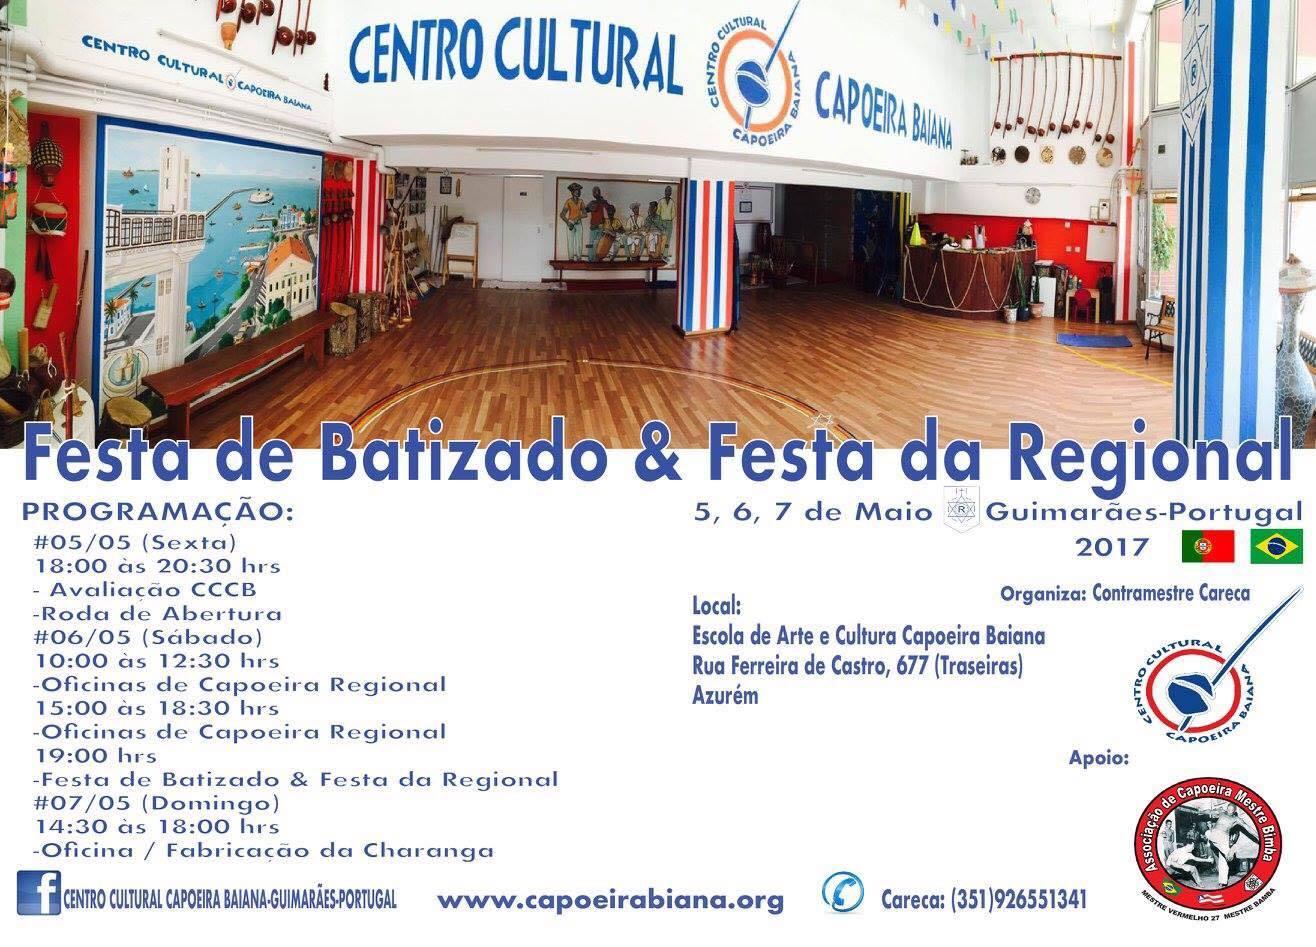 Festa de Batizado e Festa da Regional: CCCB - Guimarães, Portugal Geral Portal Capoeira